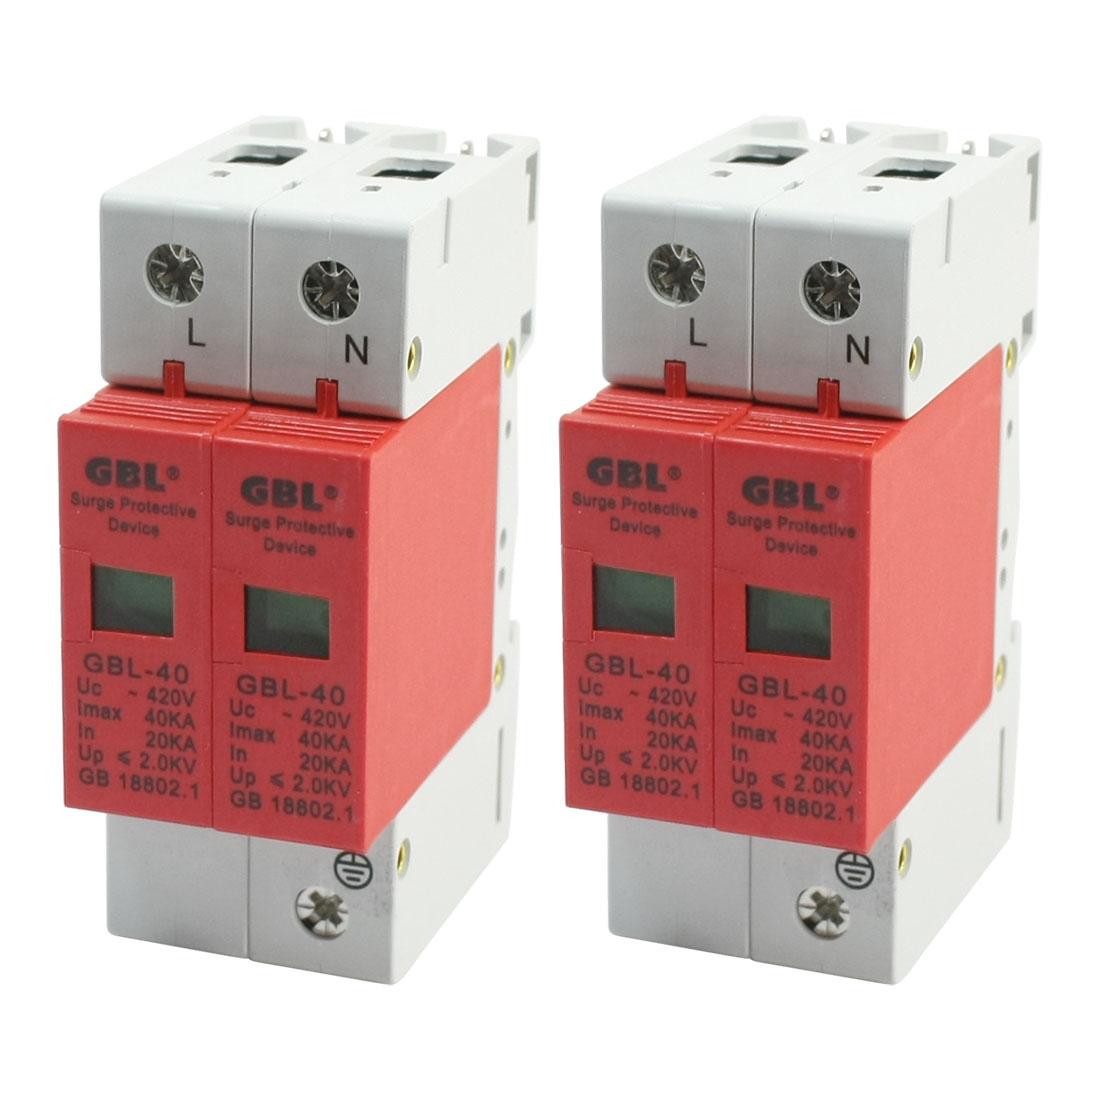 2Pcs SPD AC 420V 40KA DIN Rail Mount Circuit Breaker Surge Protective Device 2-Poles